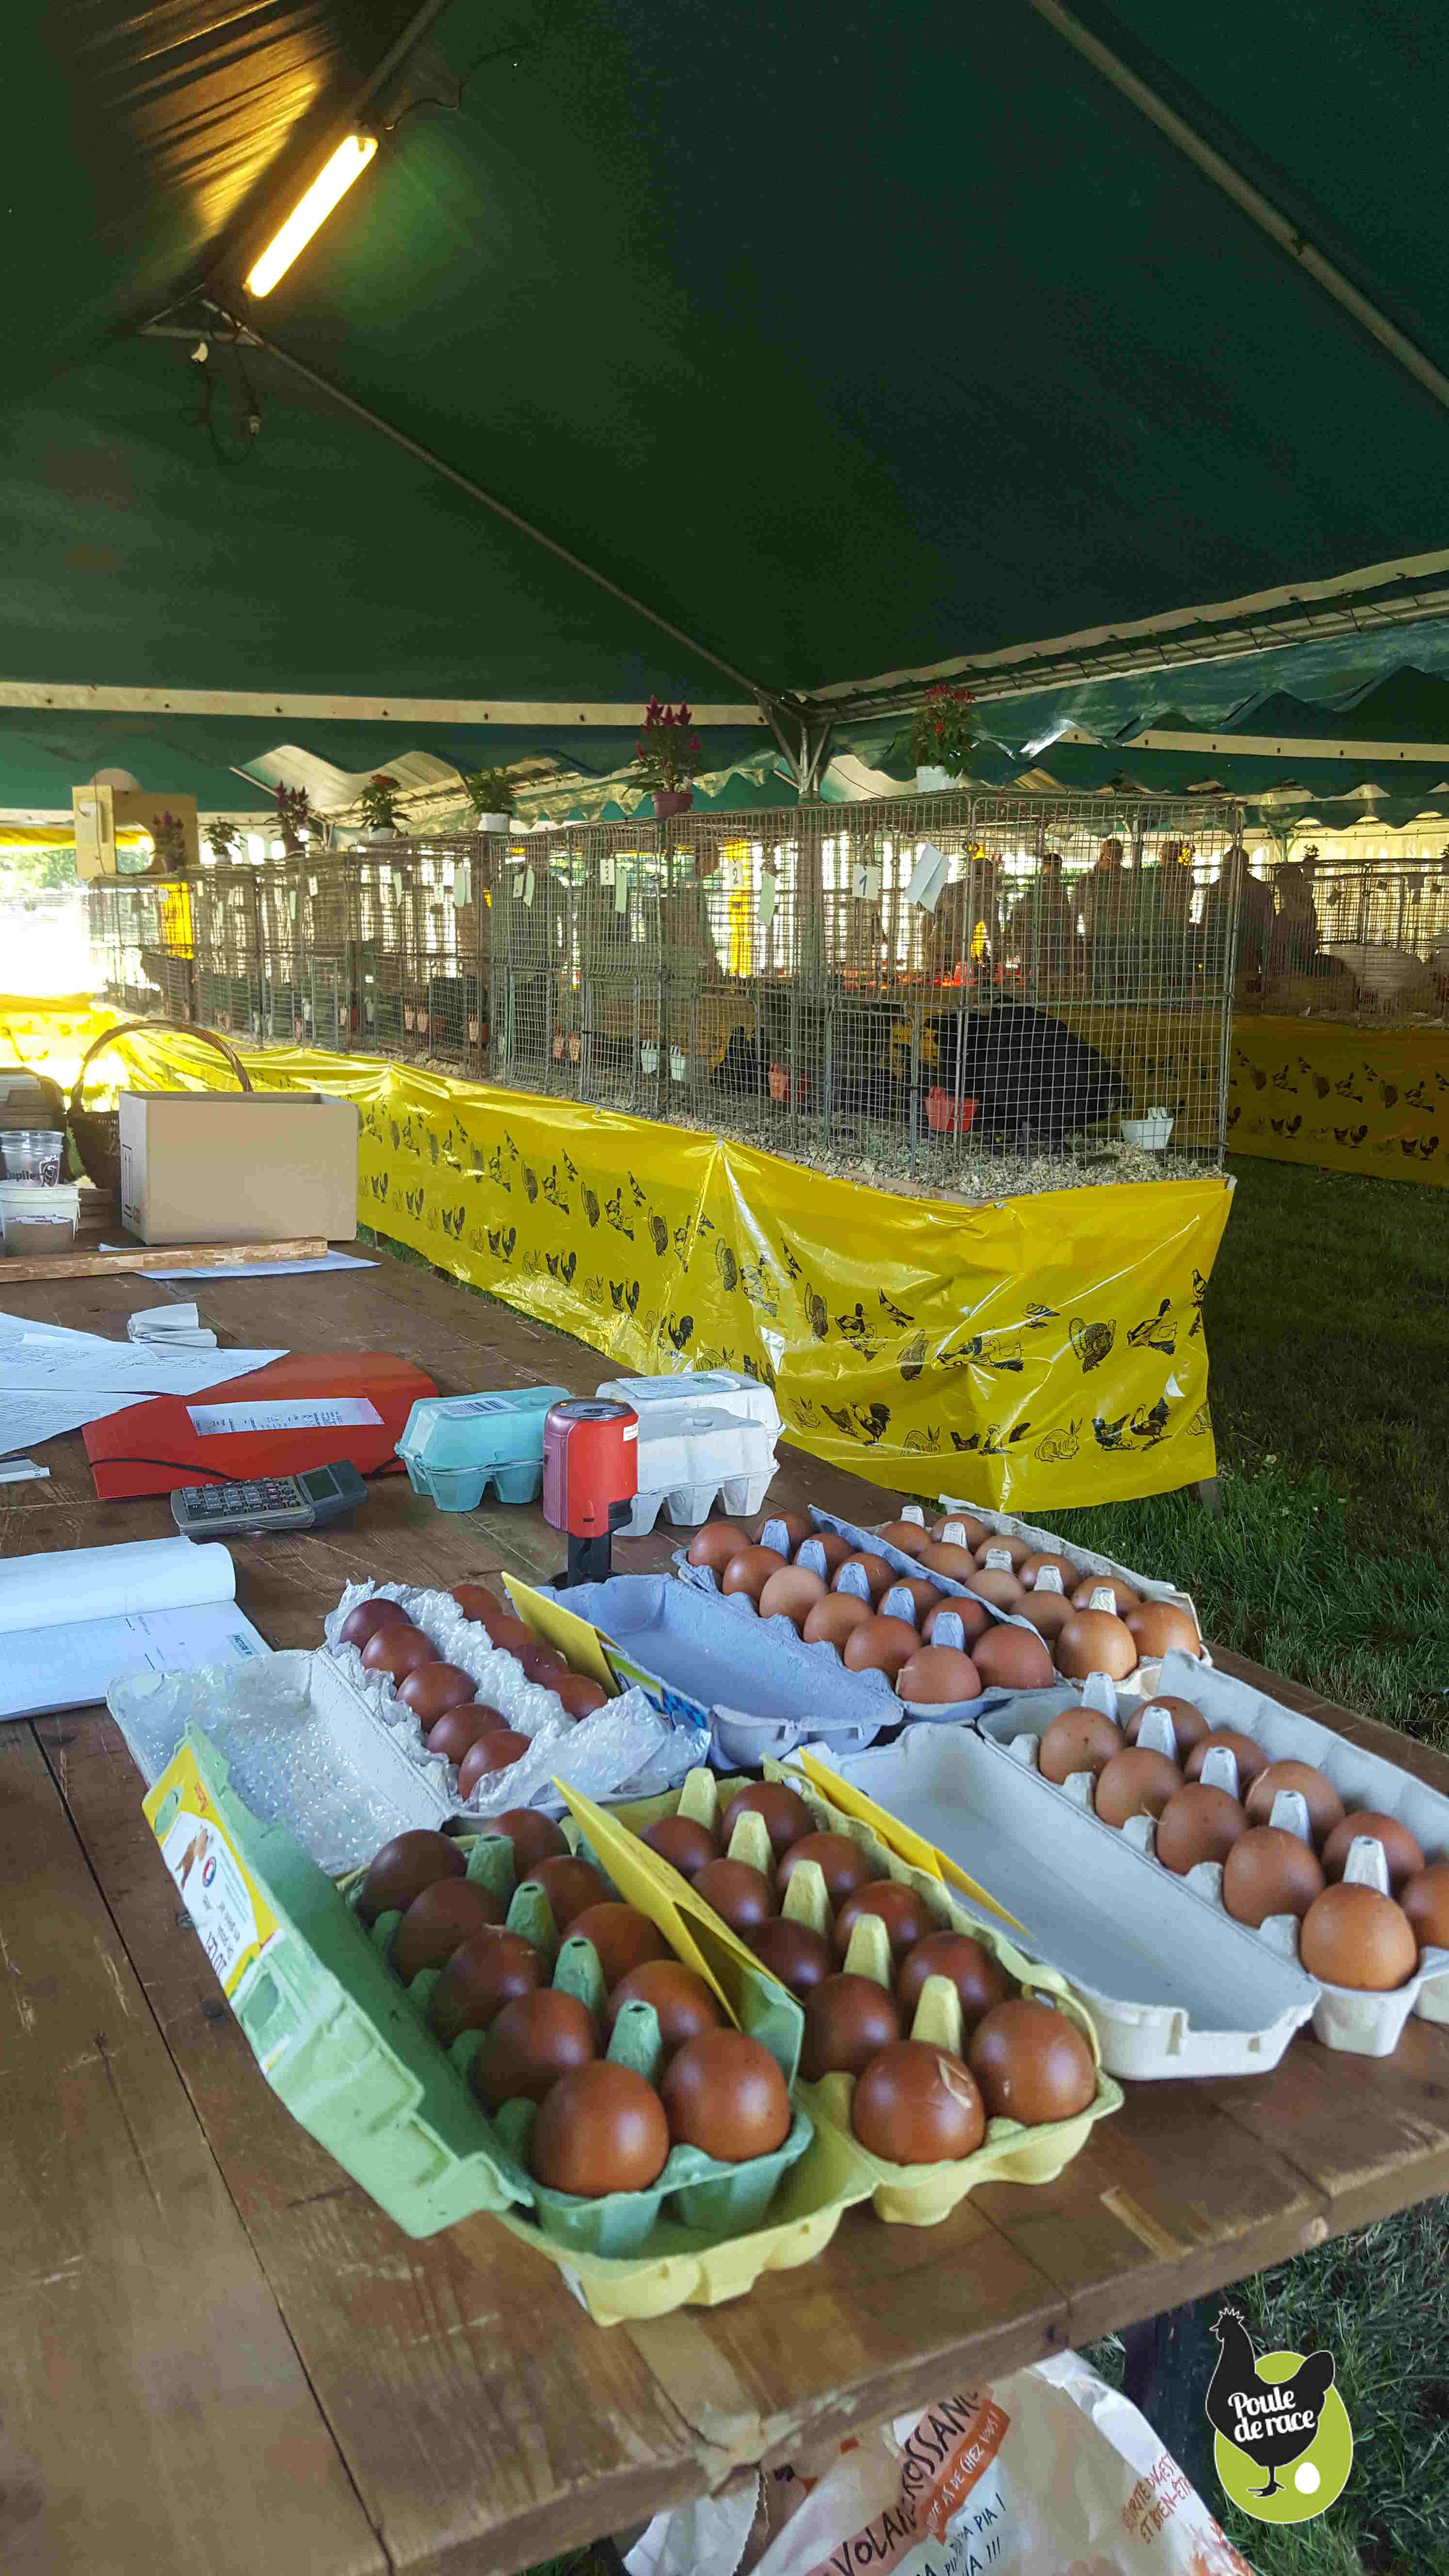 il y avait aussi des oeufs fécondés à vendre